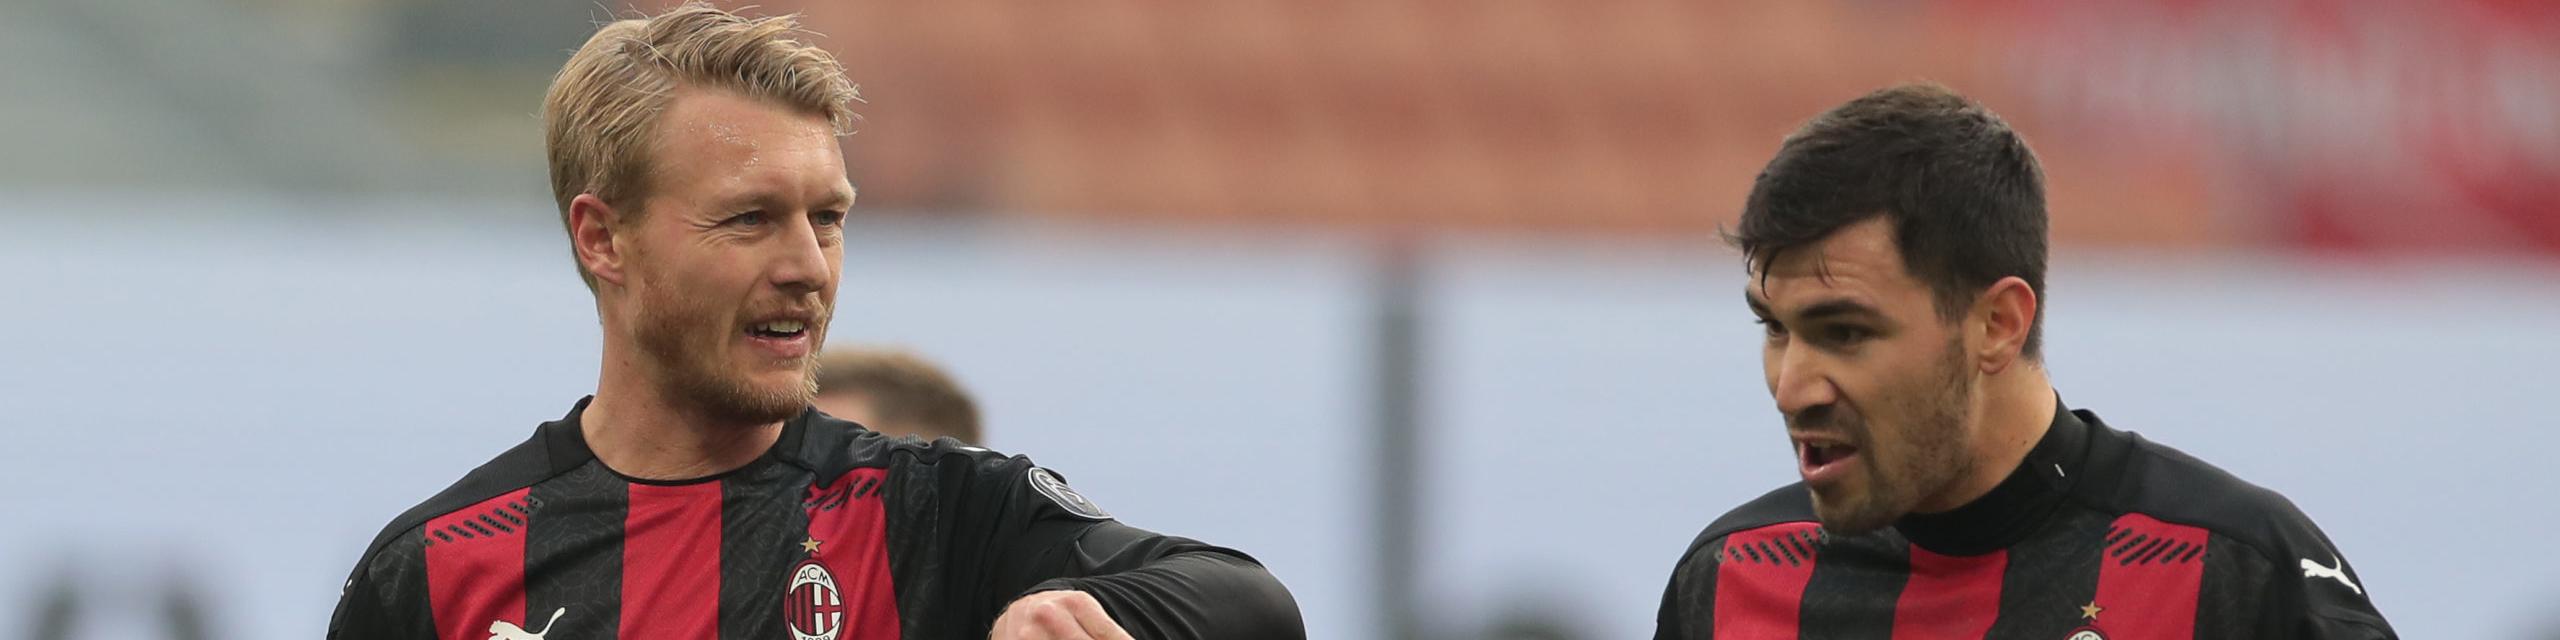 Pronostico Benevento-Milan: Diavolo con tanti assenti, ma in difesa torna Kjaer – le ultimissime